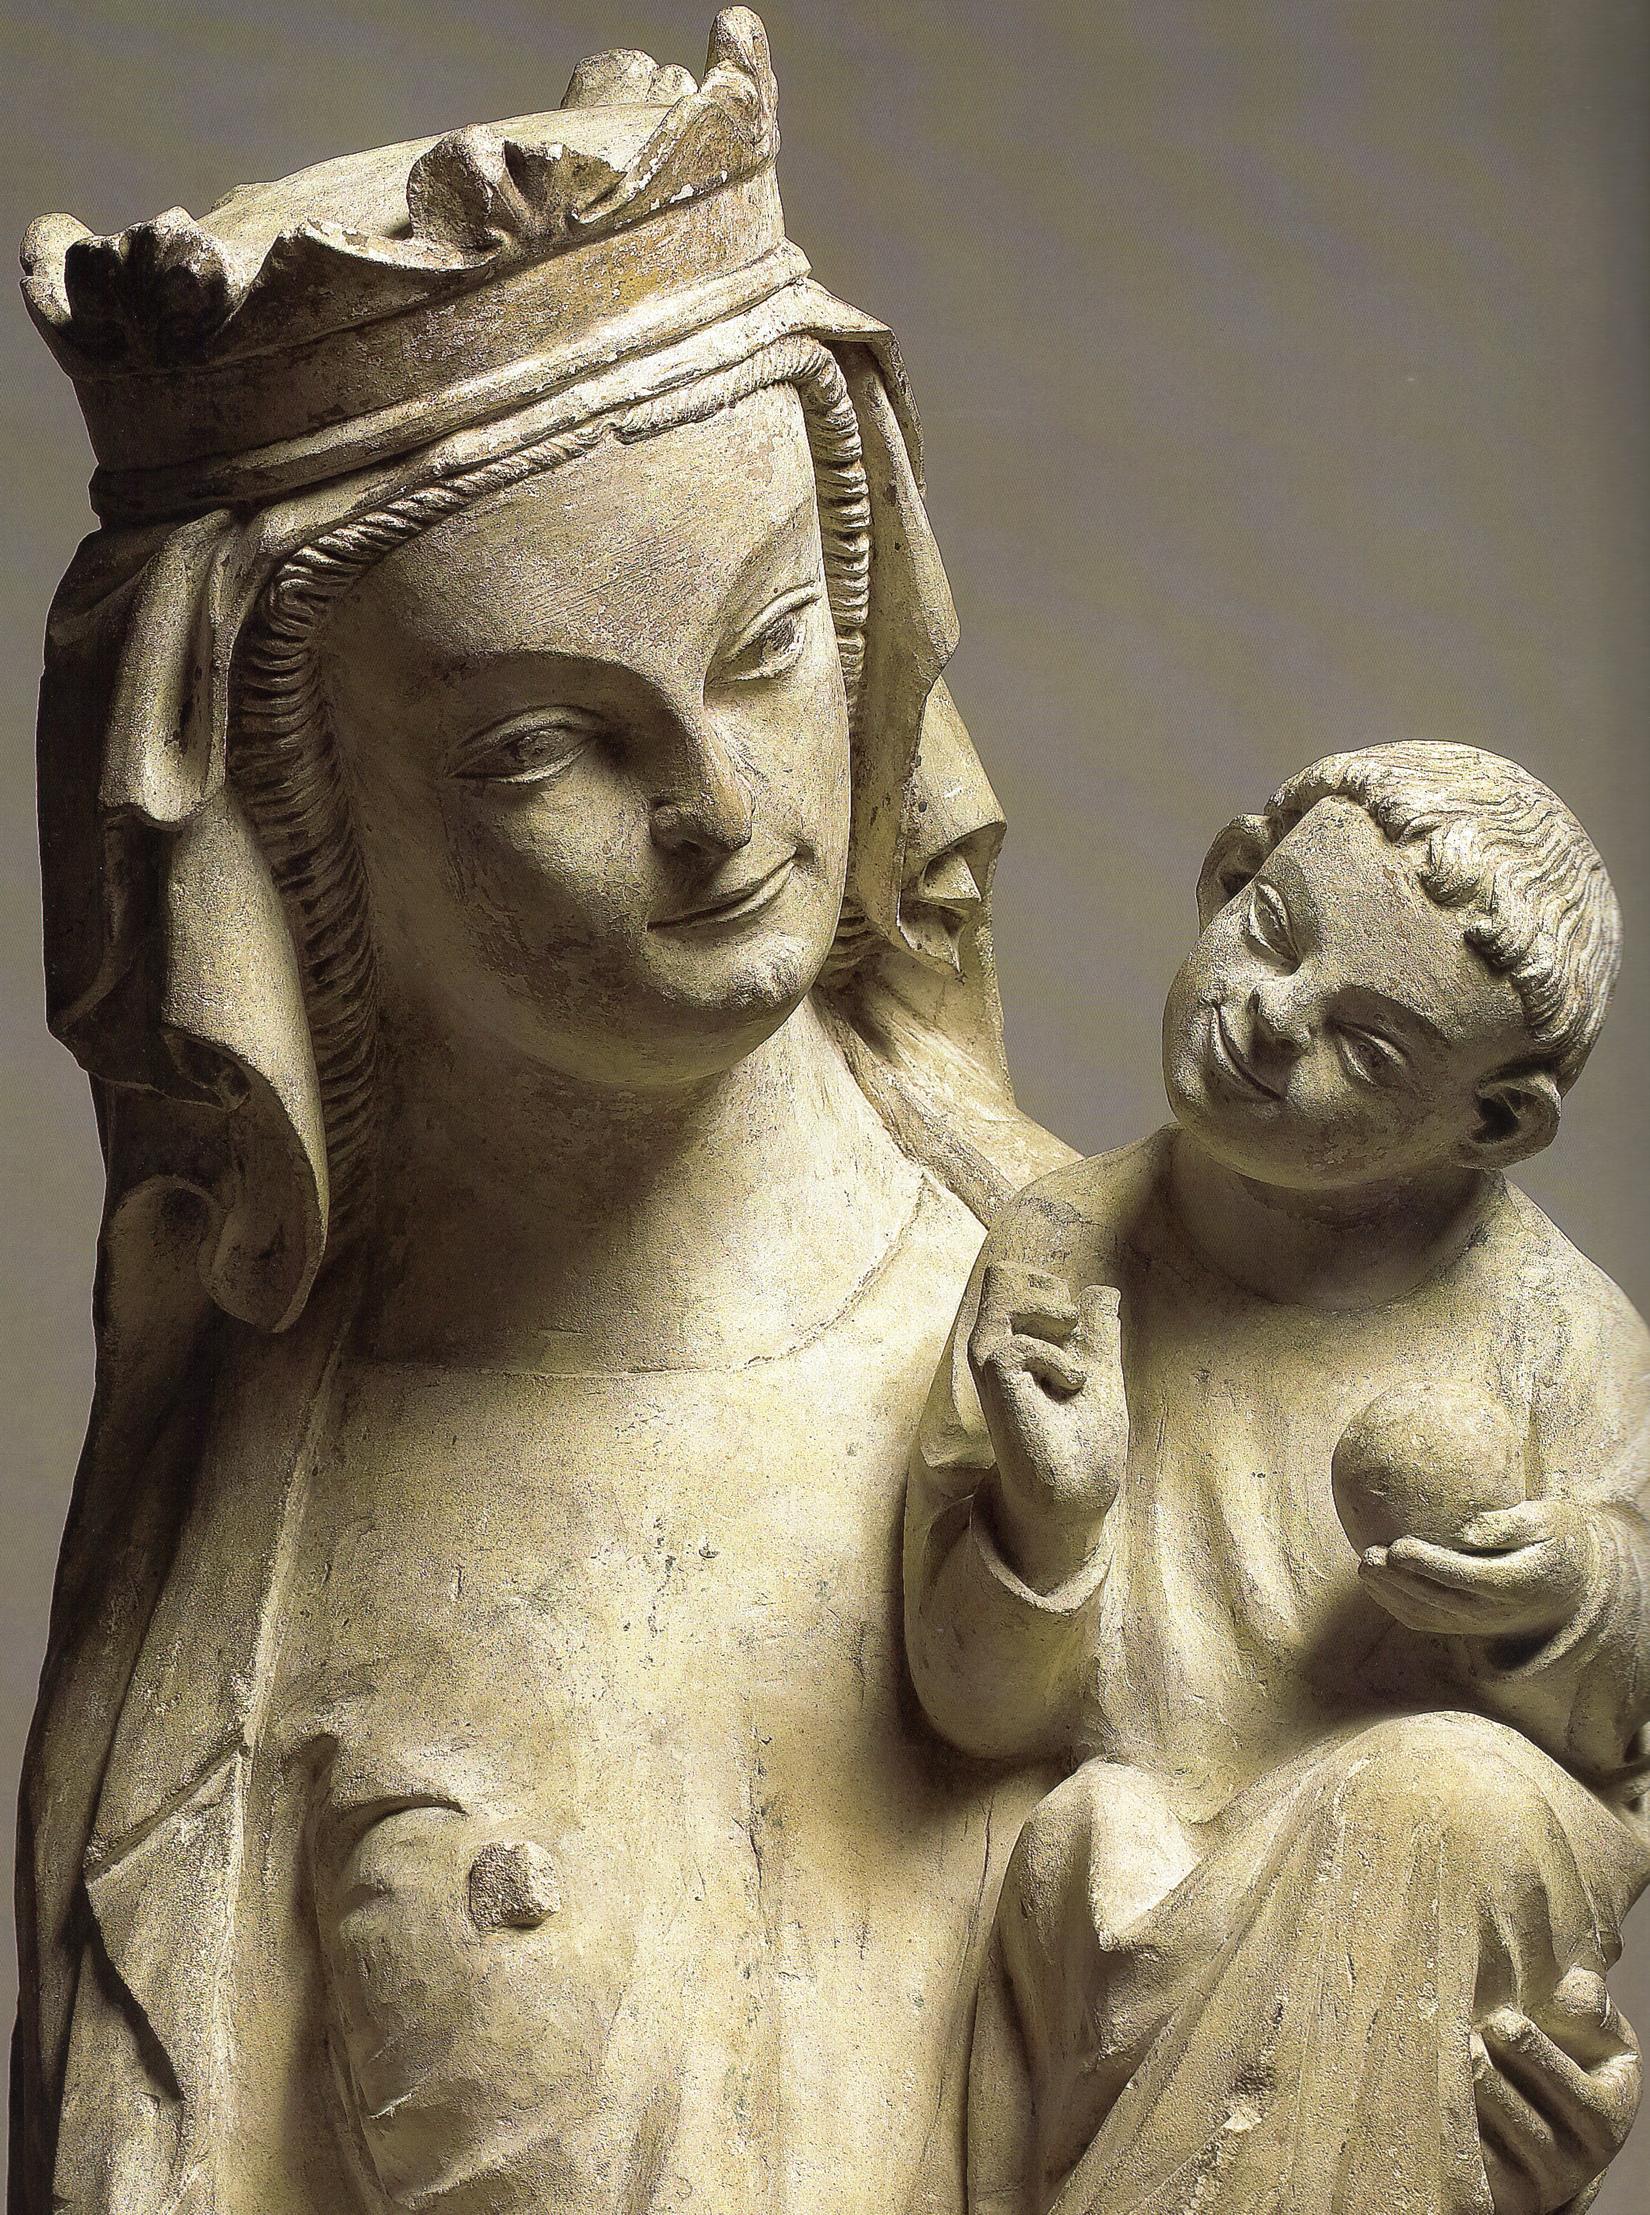 Ramon Llull 12321316 e a Beleza boa forma natural da ordenao divina  Idade Mdia  Prof